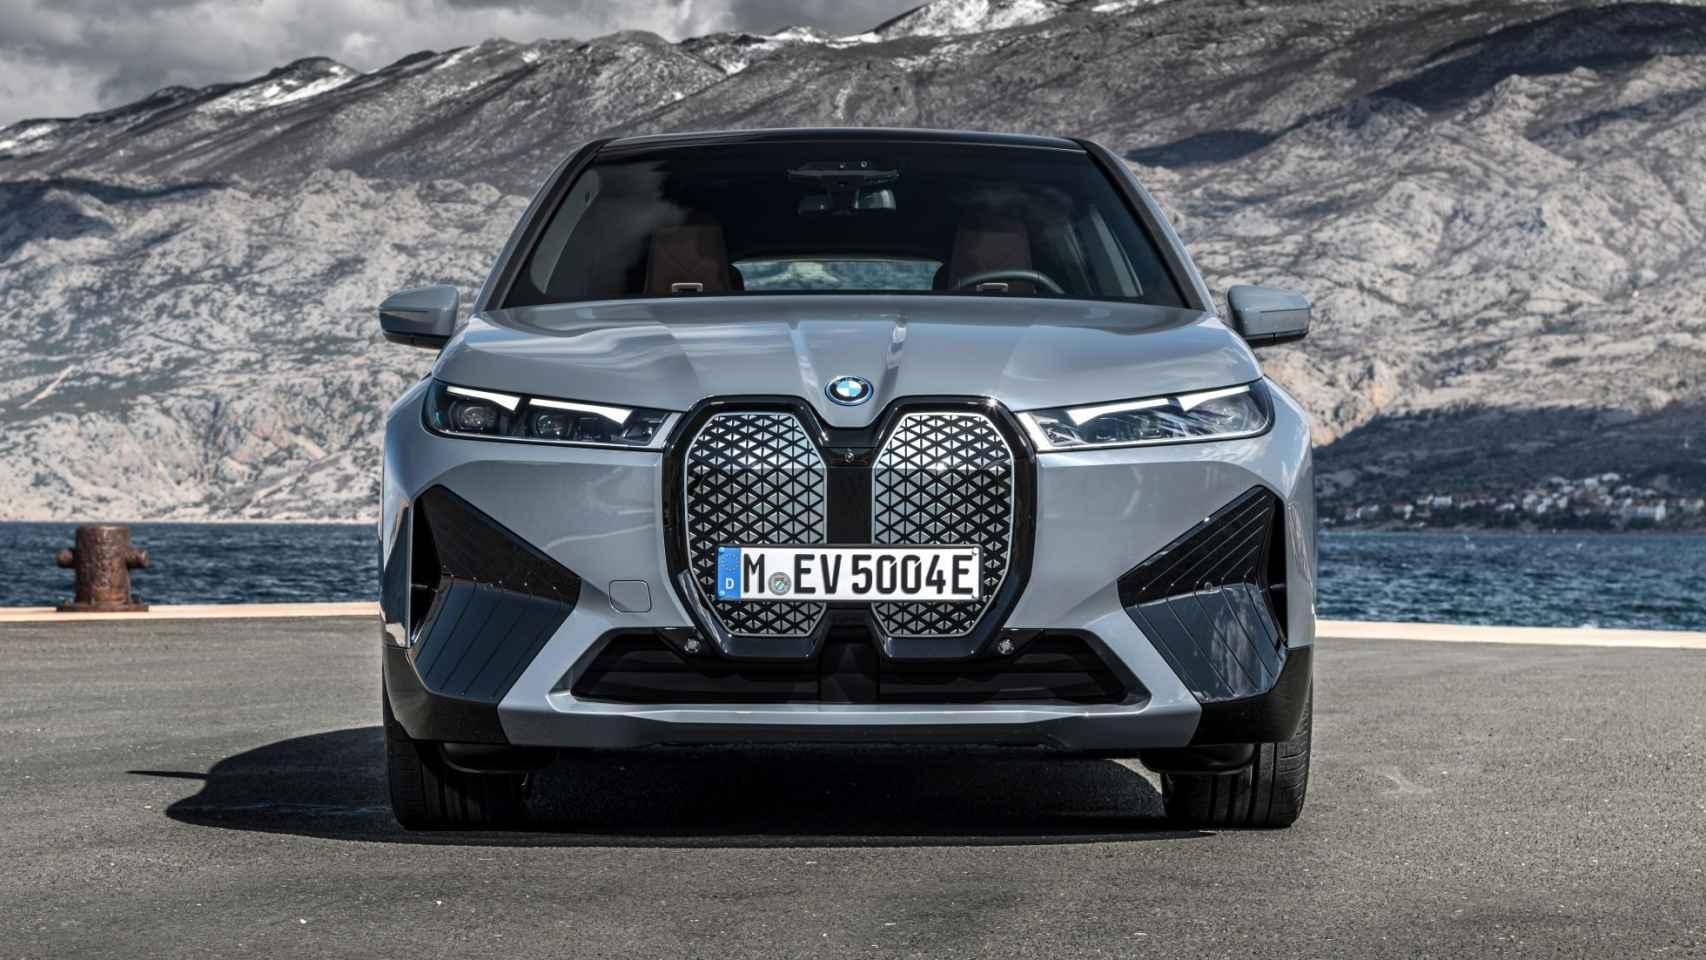 Así es el mejor BMW creado hasta ahora: se llama iX, es eléctrico y tiene 630 km de autonomía